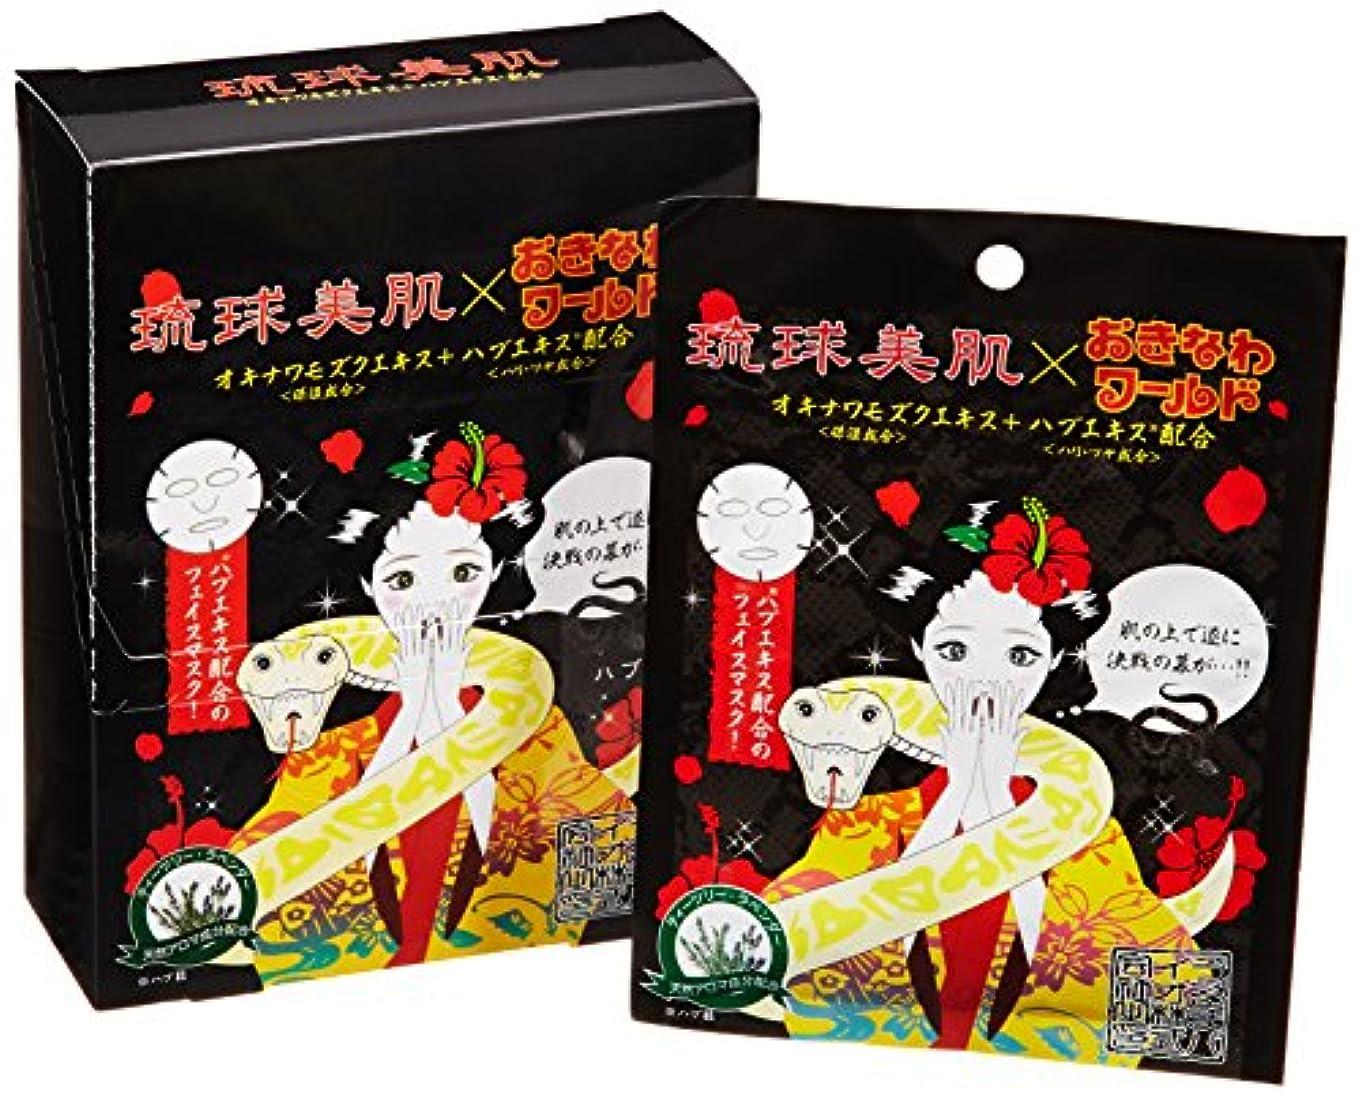 洗う削るネックレット琉球美肌 フェイスマスクシート(ハブ) 天然由来のティーツリー&ラベンダーの香り 10枚セット